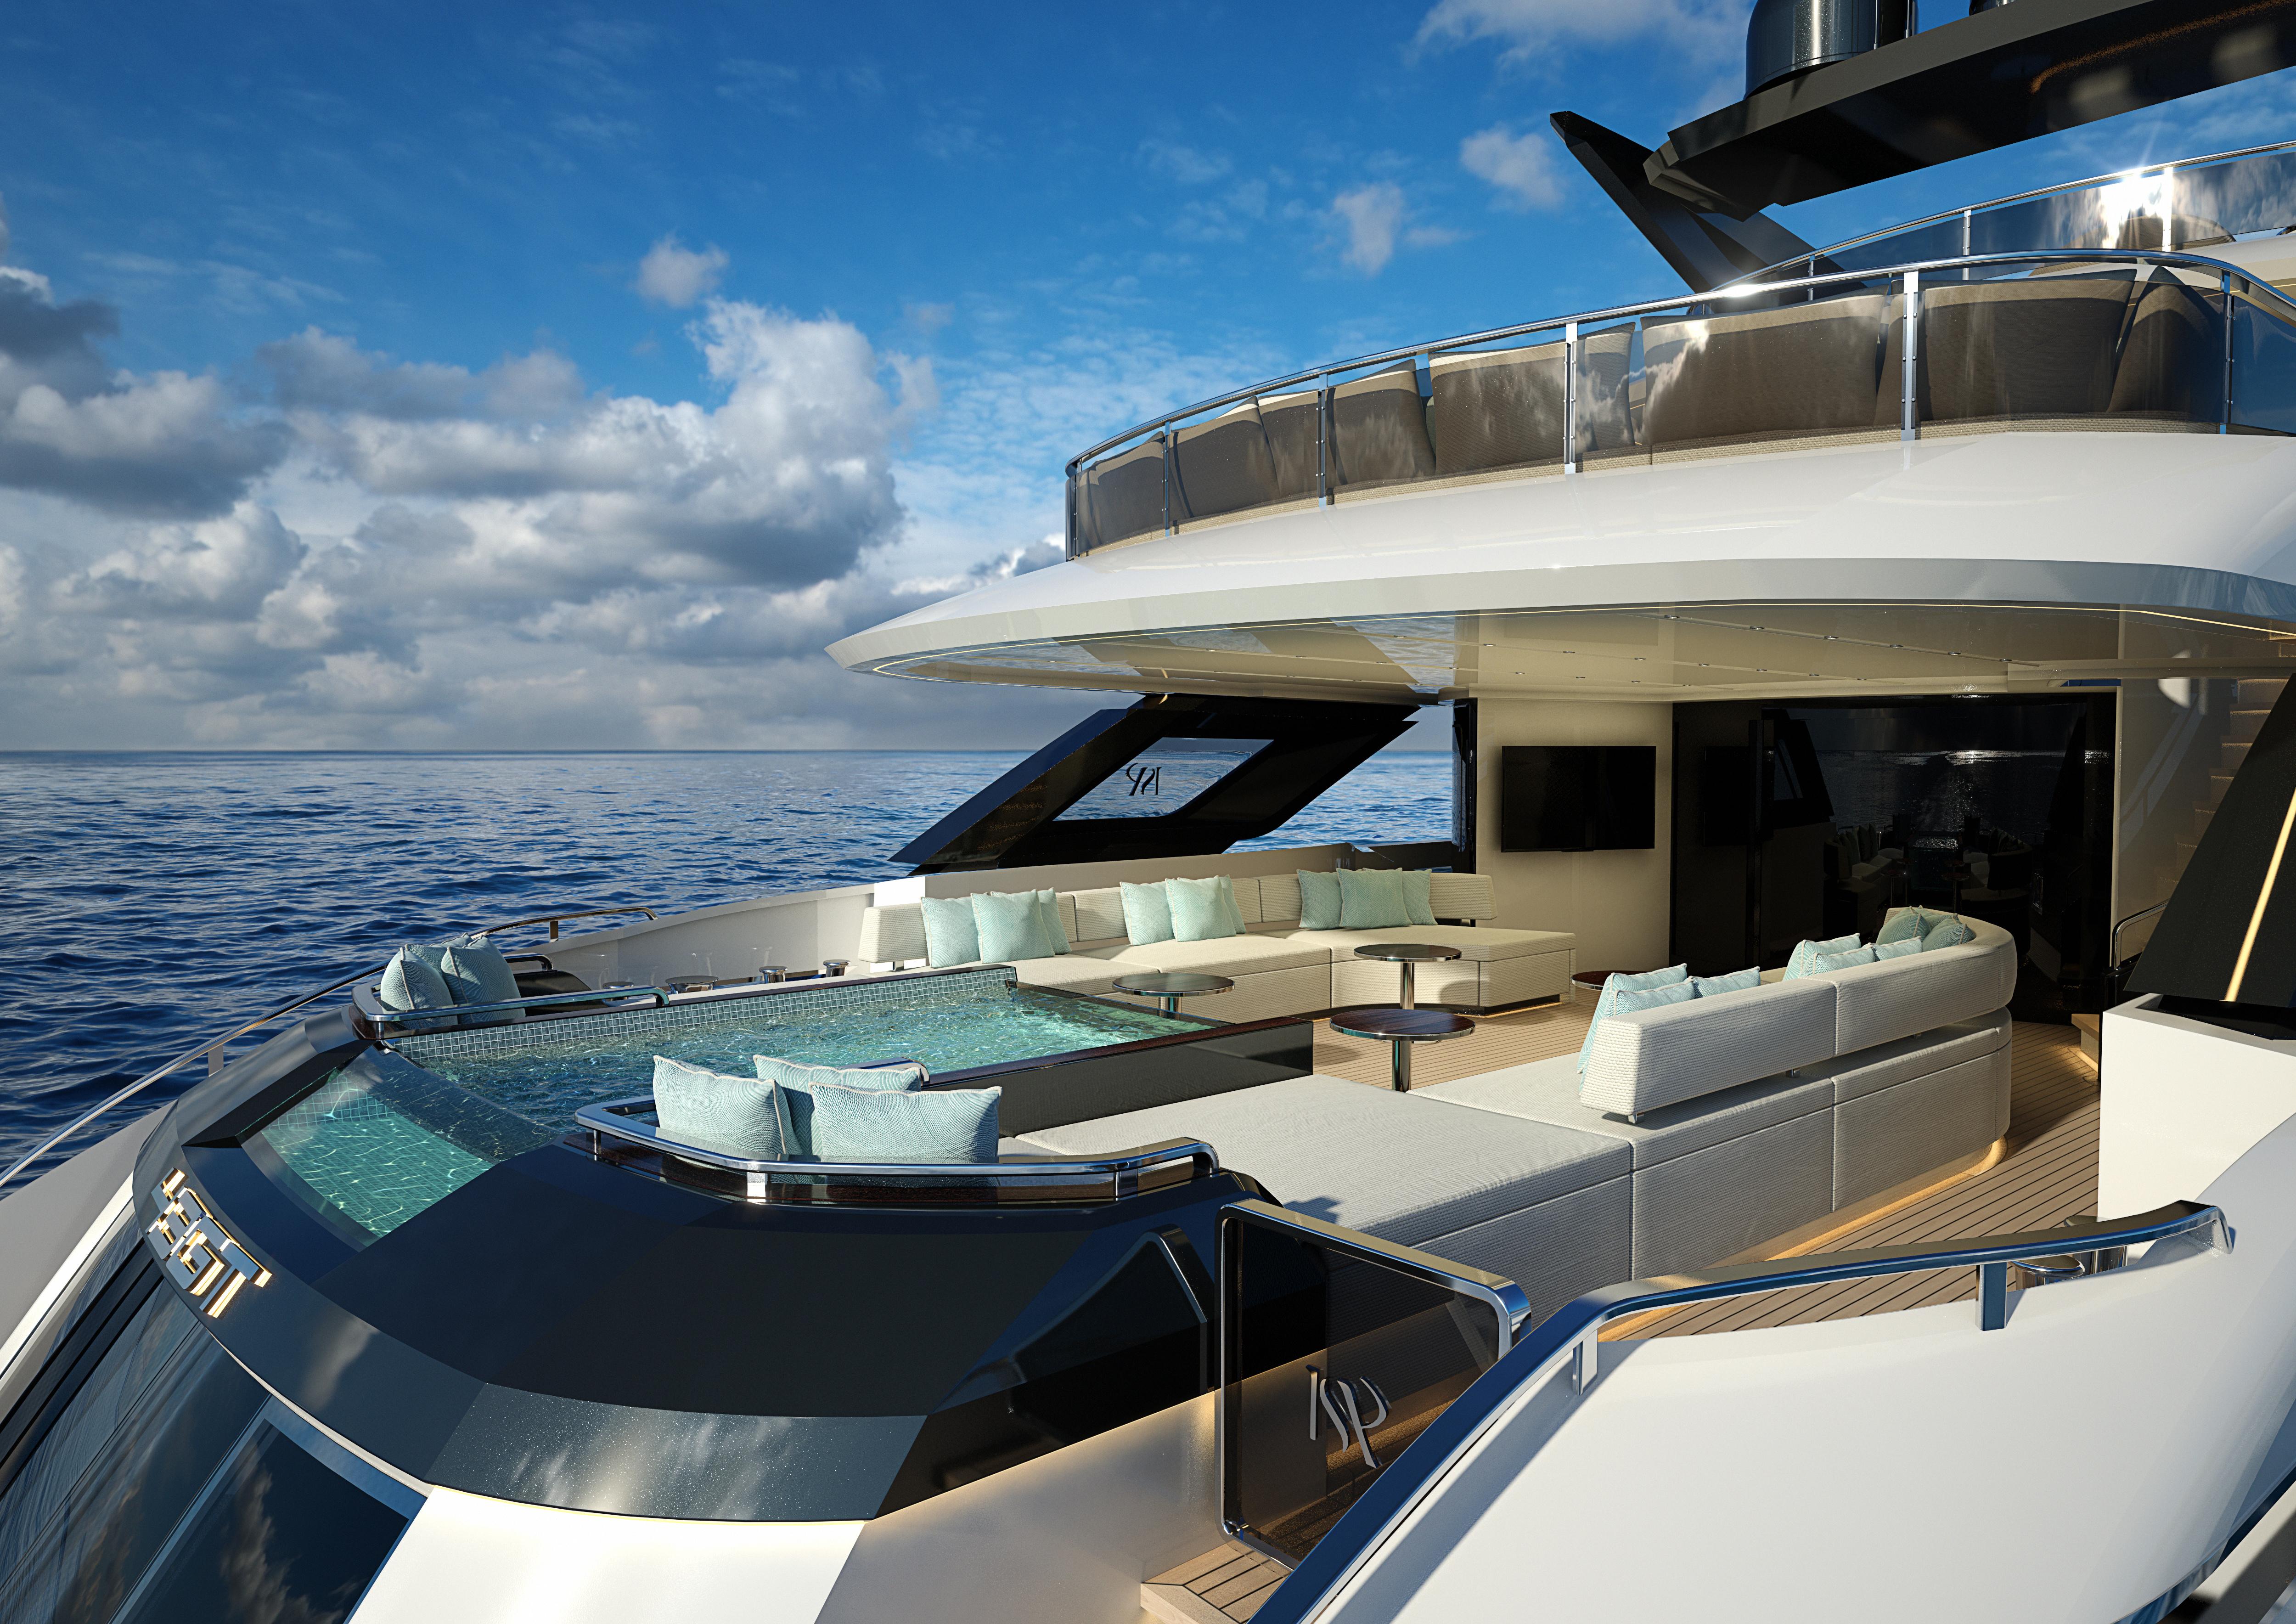 ISA Yachts Sells 45m Gran Turismo   superyachts com